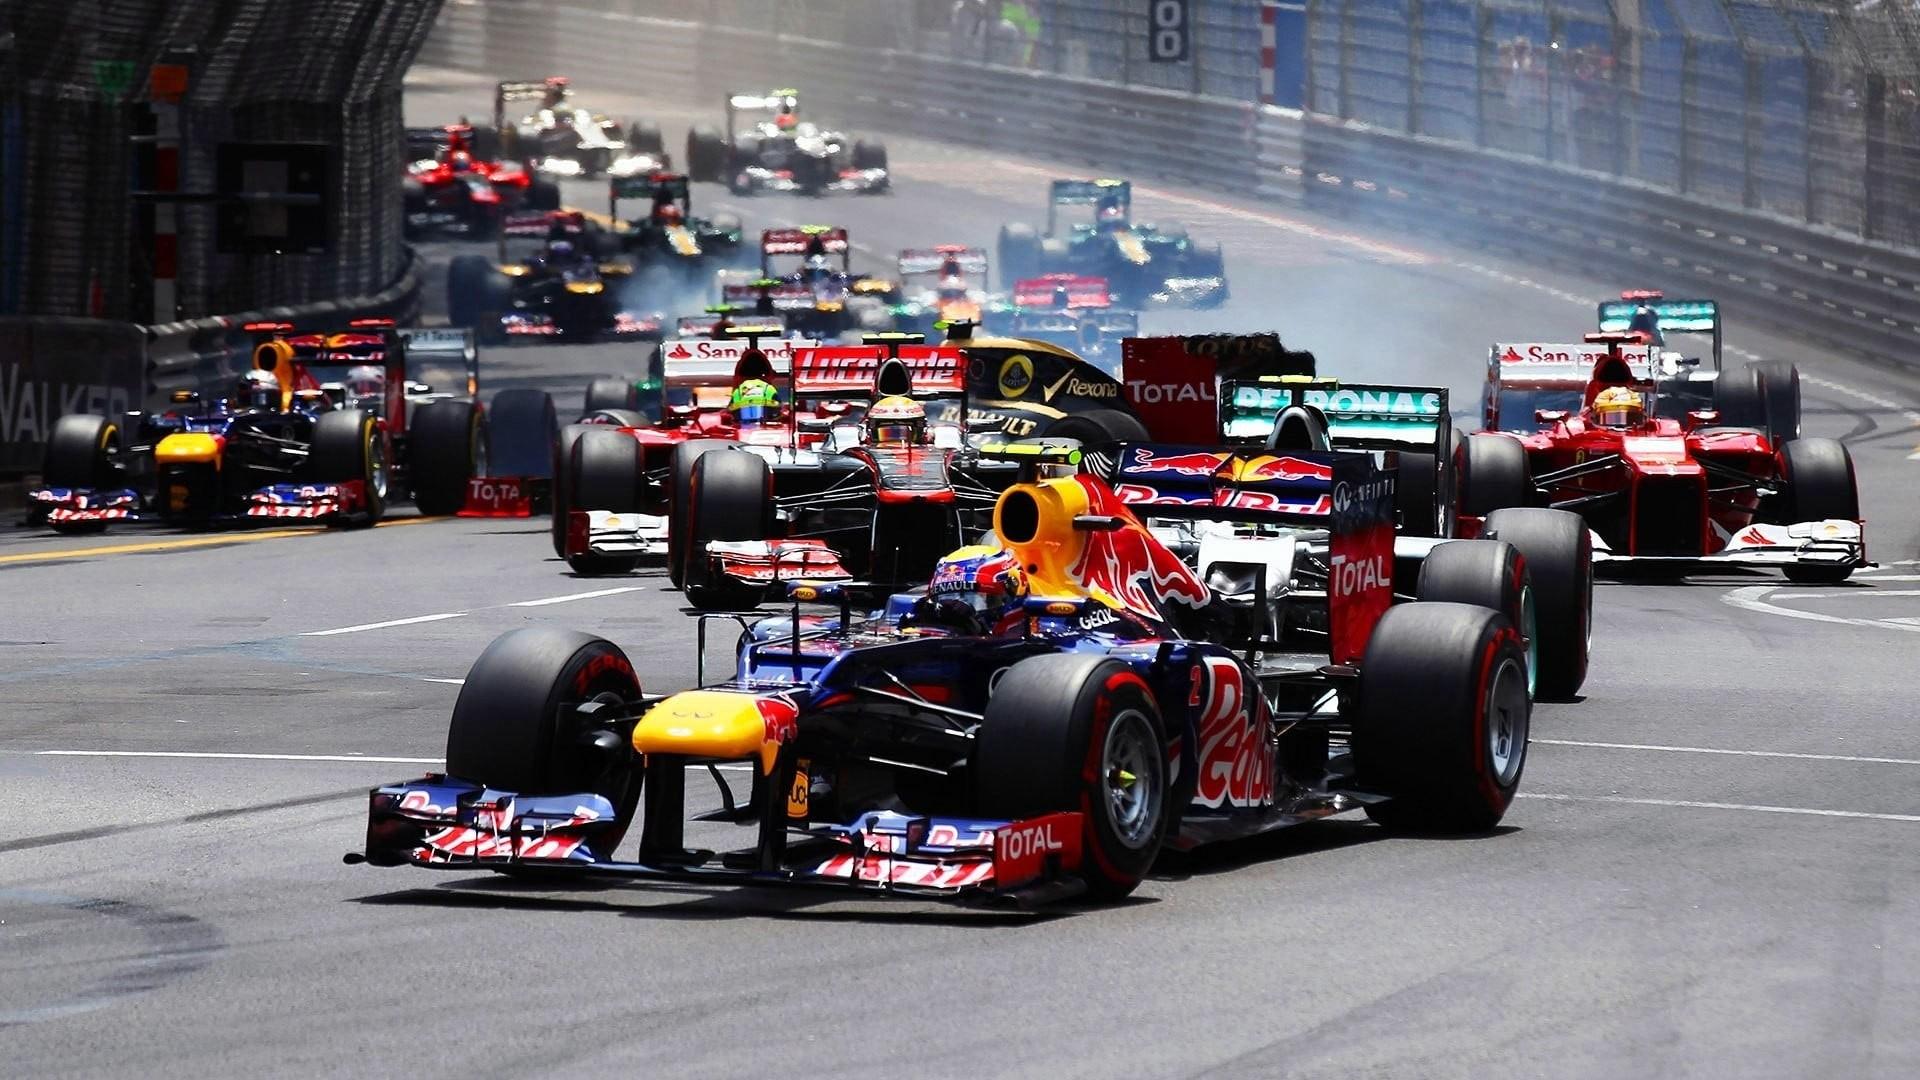 Formula 1 hd desktop wallpaper